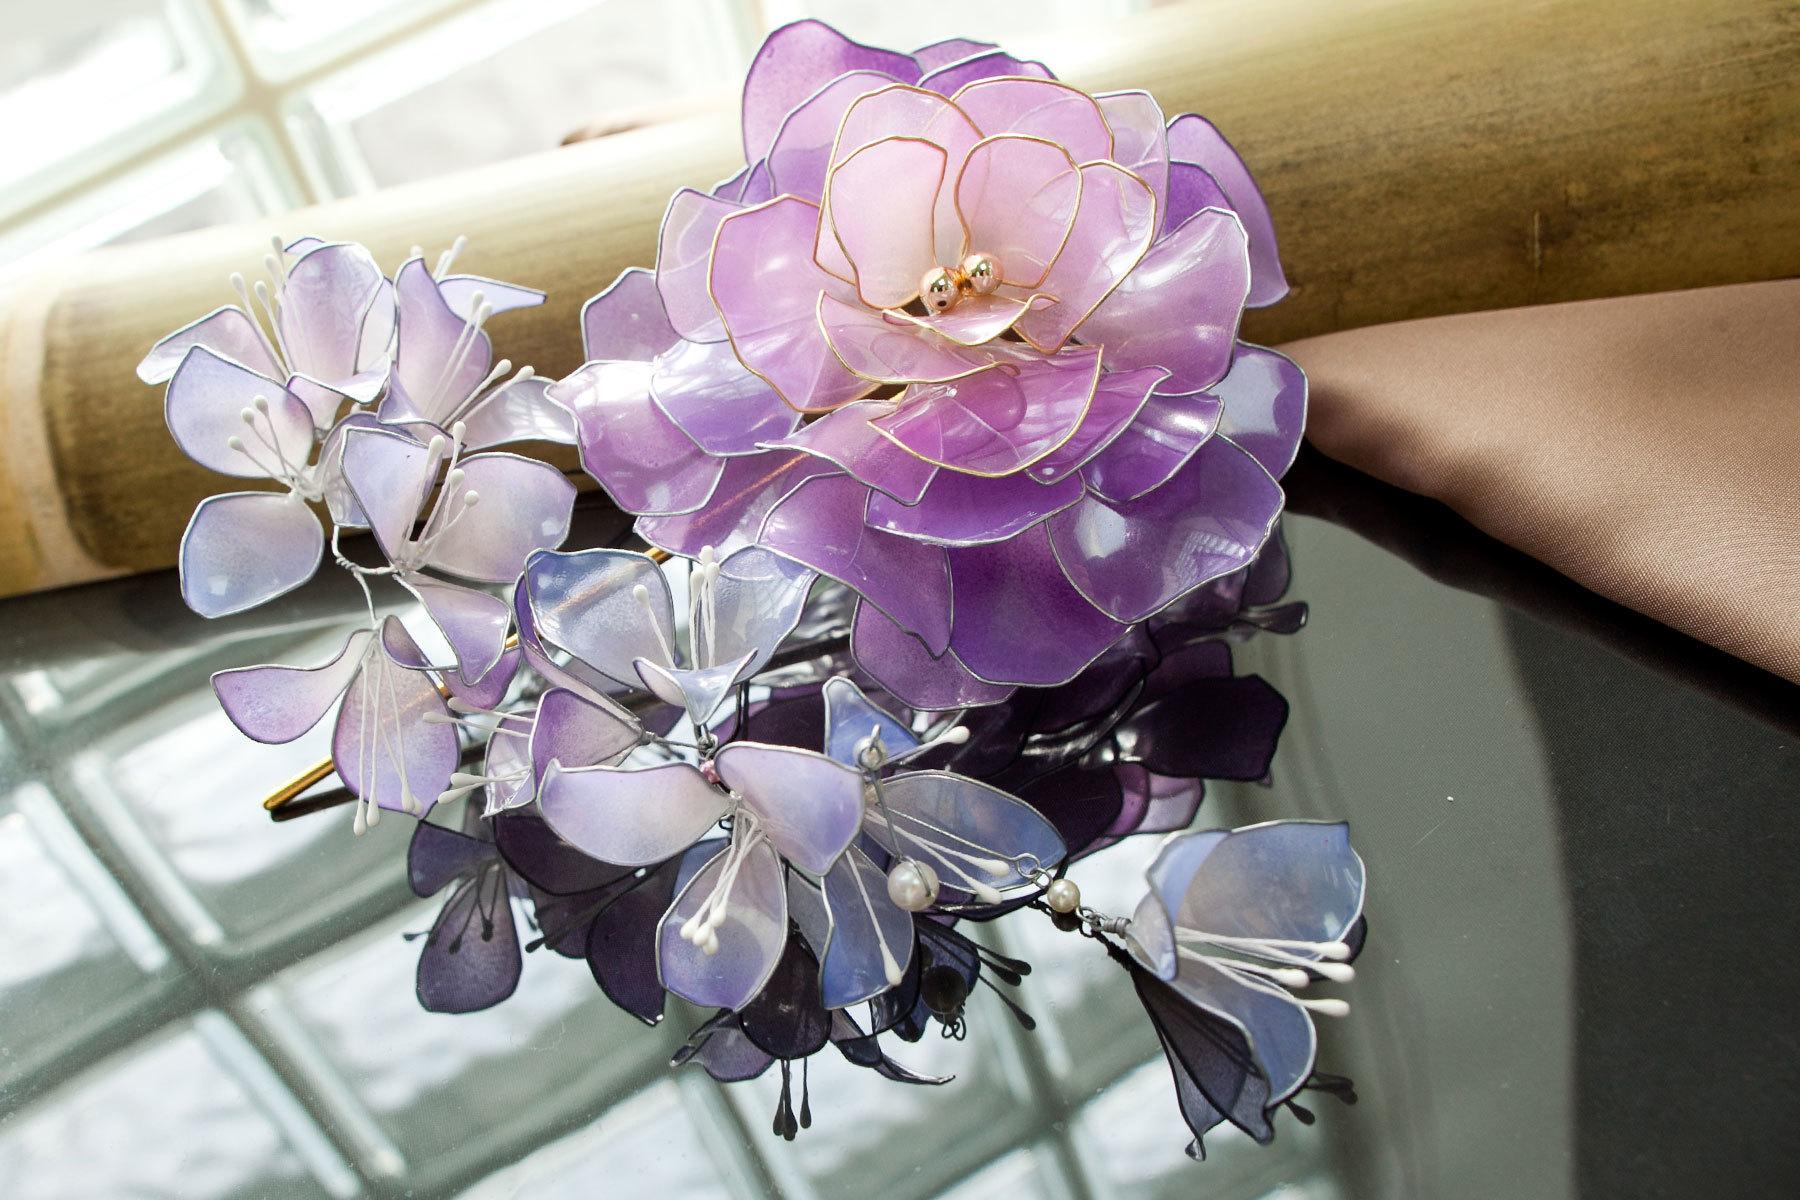 【錦】ー月見草 Evening primrose